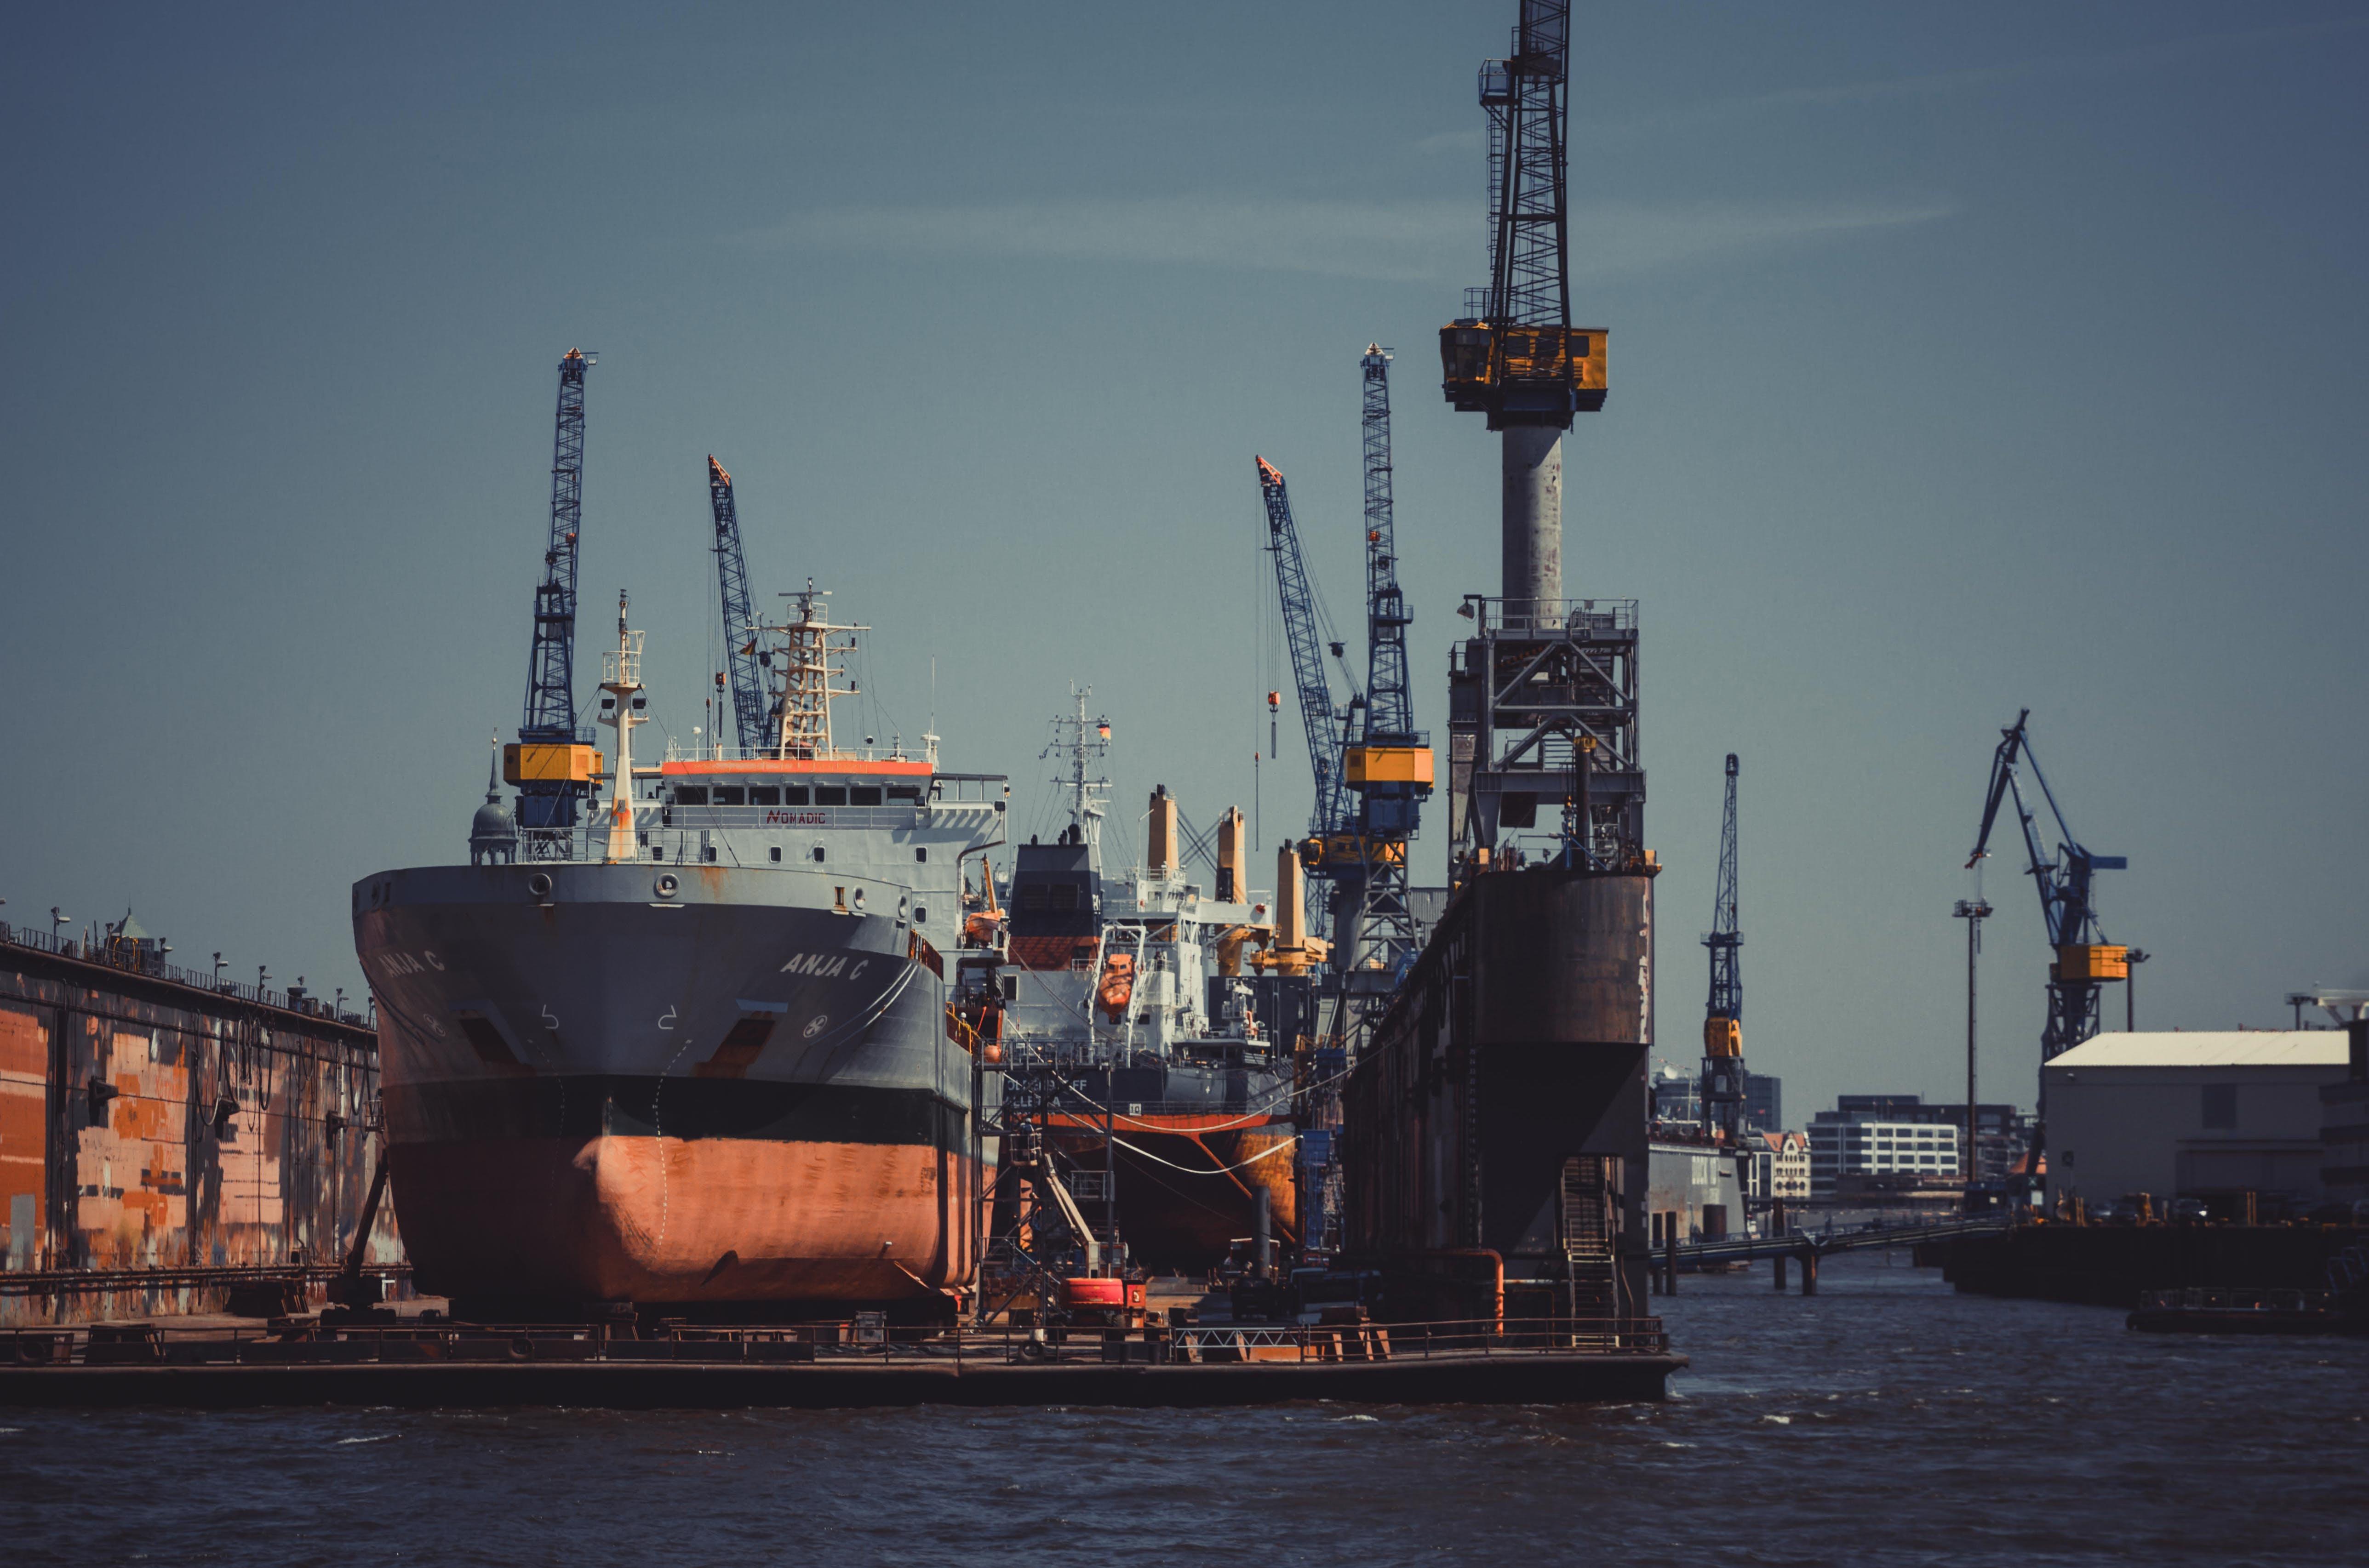 Free stock photo of build, cargo ship, consumer, crane